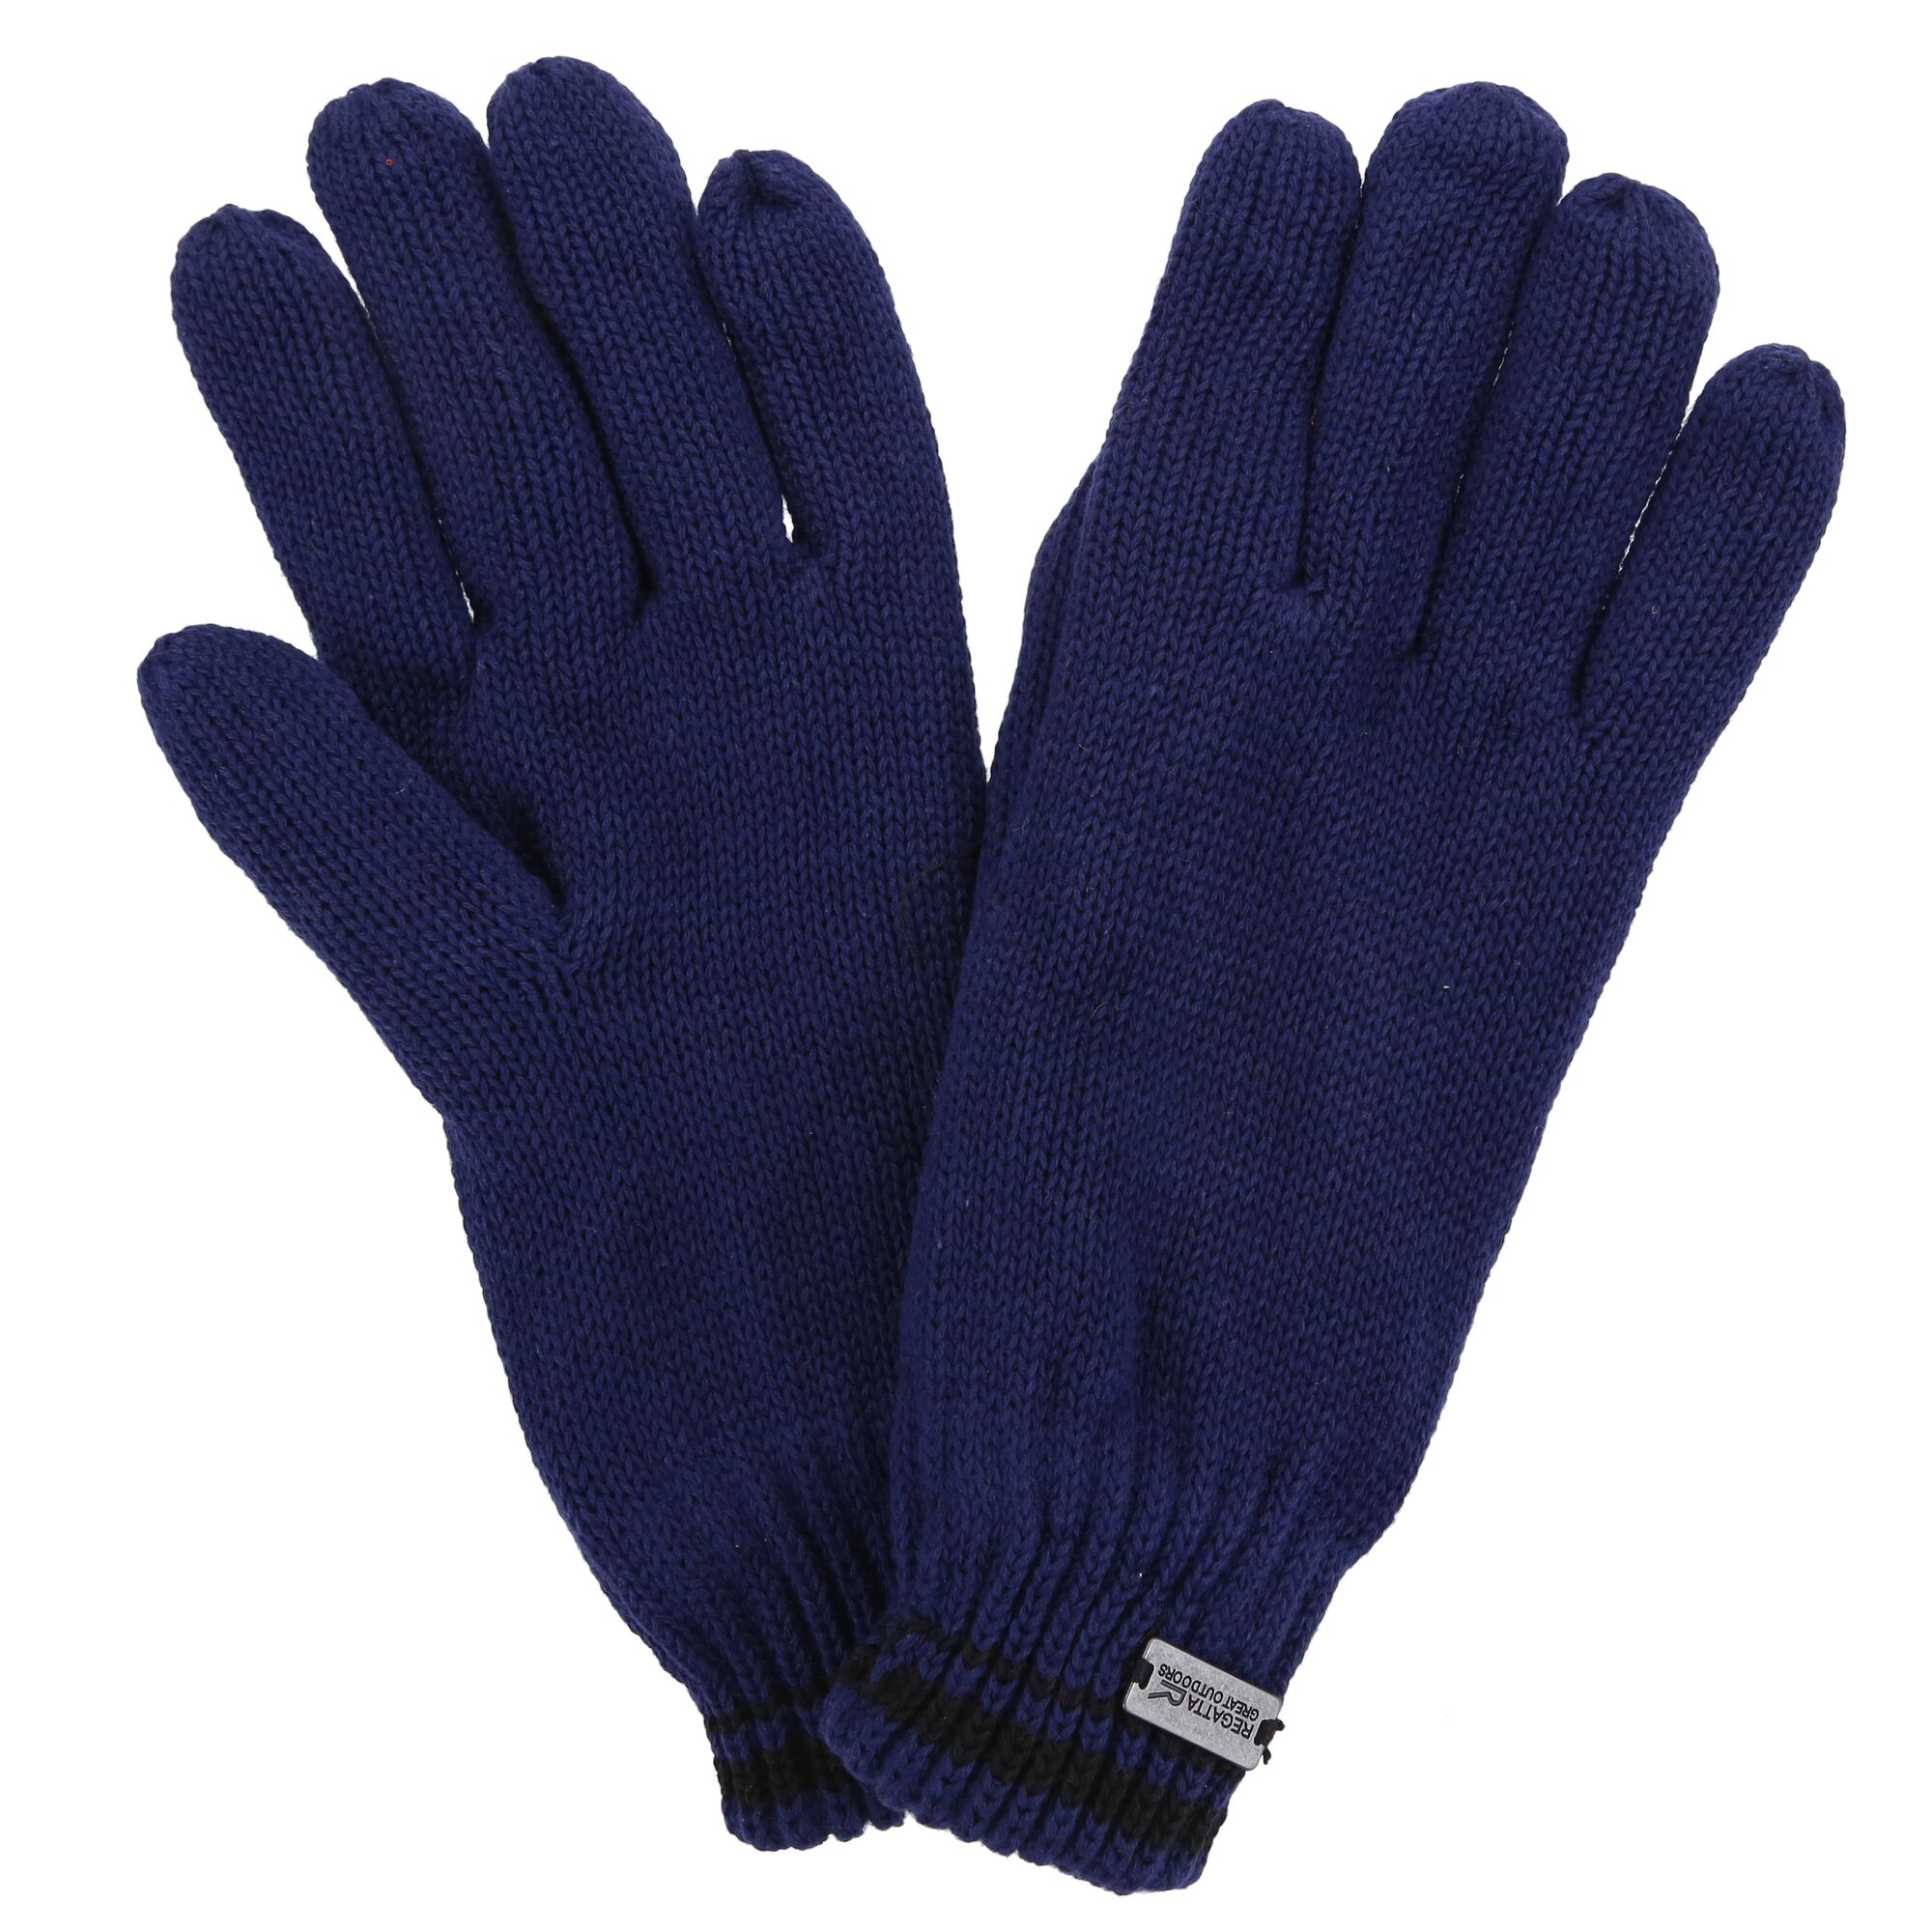 Regatta Strickhandschuhe Herren Handschuhe Balton | Accessoires > Handschuhe > Strickhandschuhe | Regatta